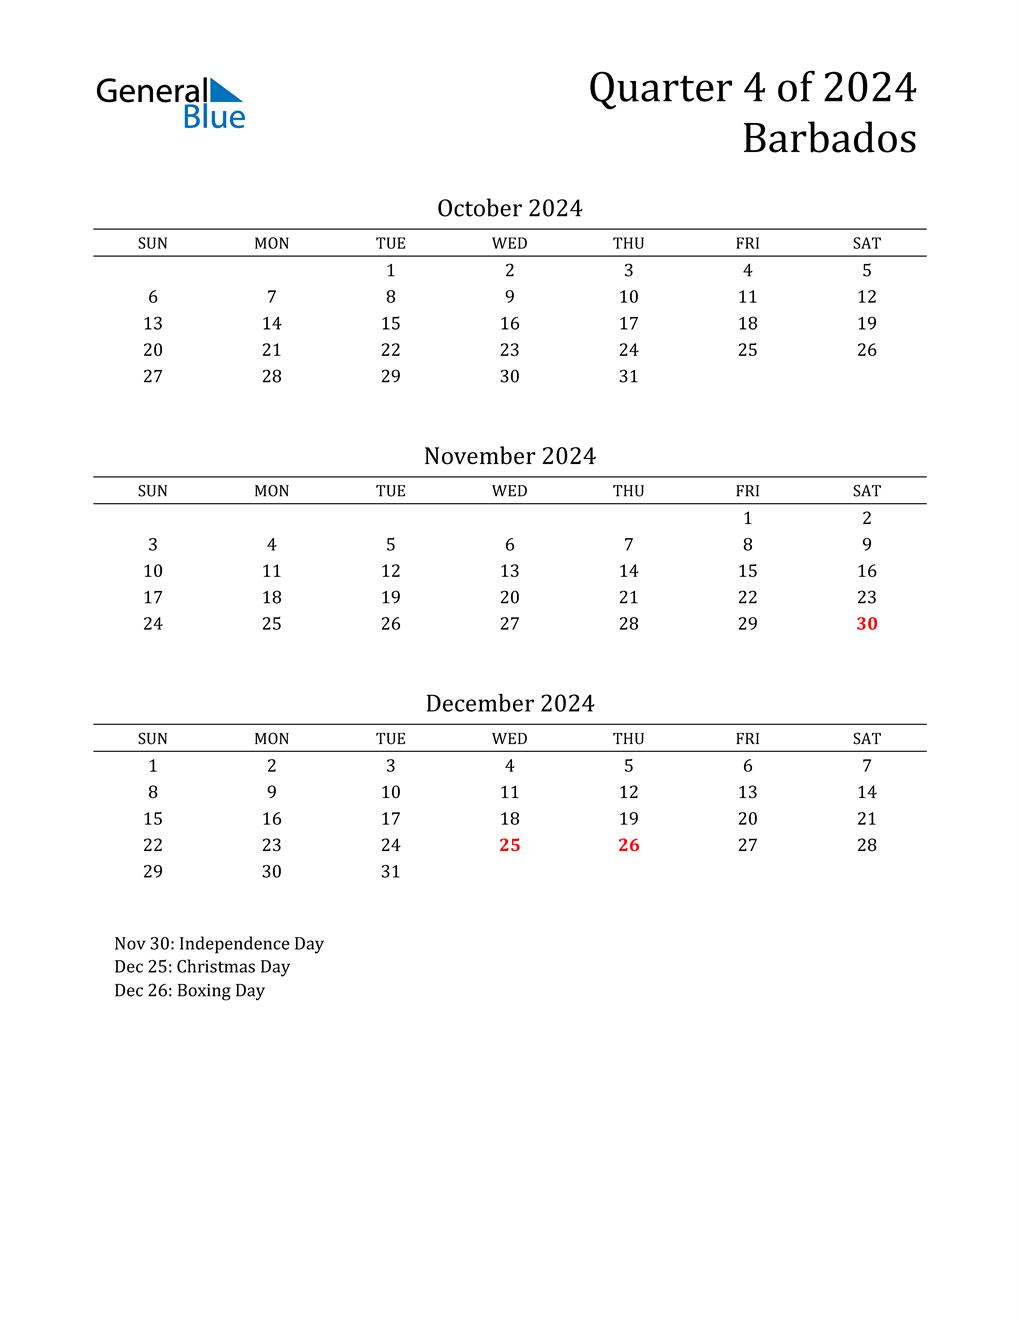 2024 Barbados Quarterly Calendar